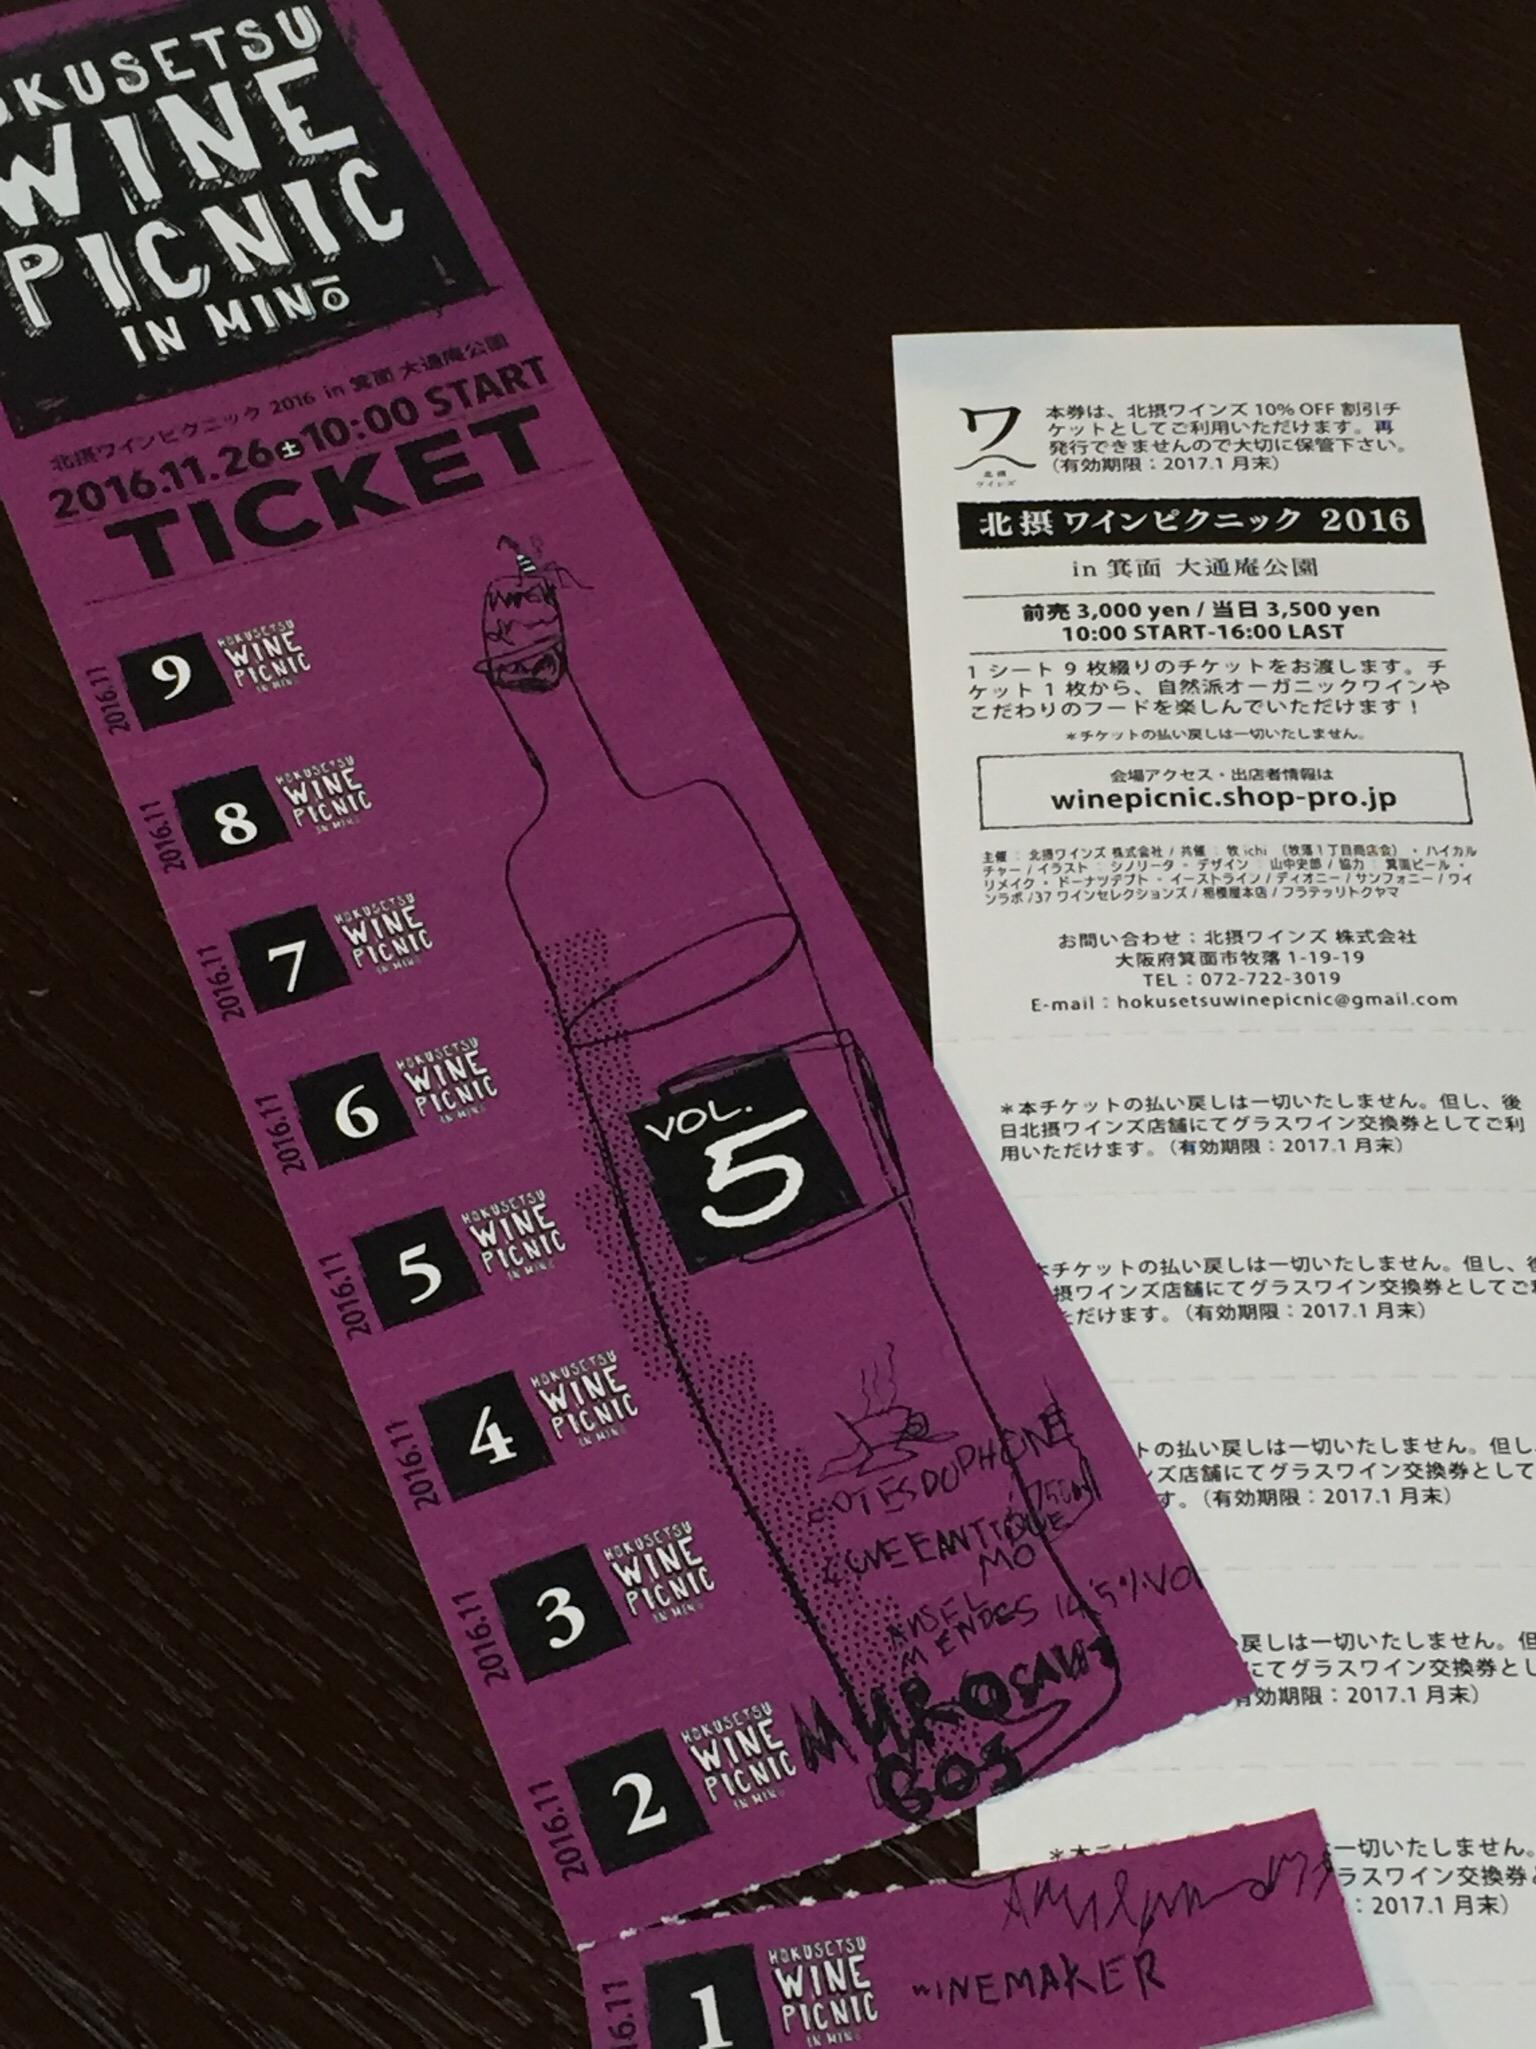 北摂ワインピクニック2016秋チケット